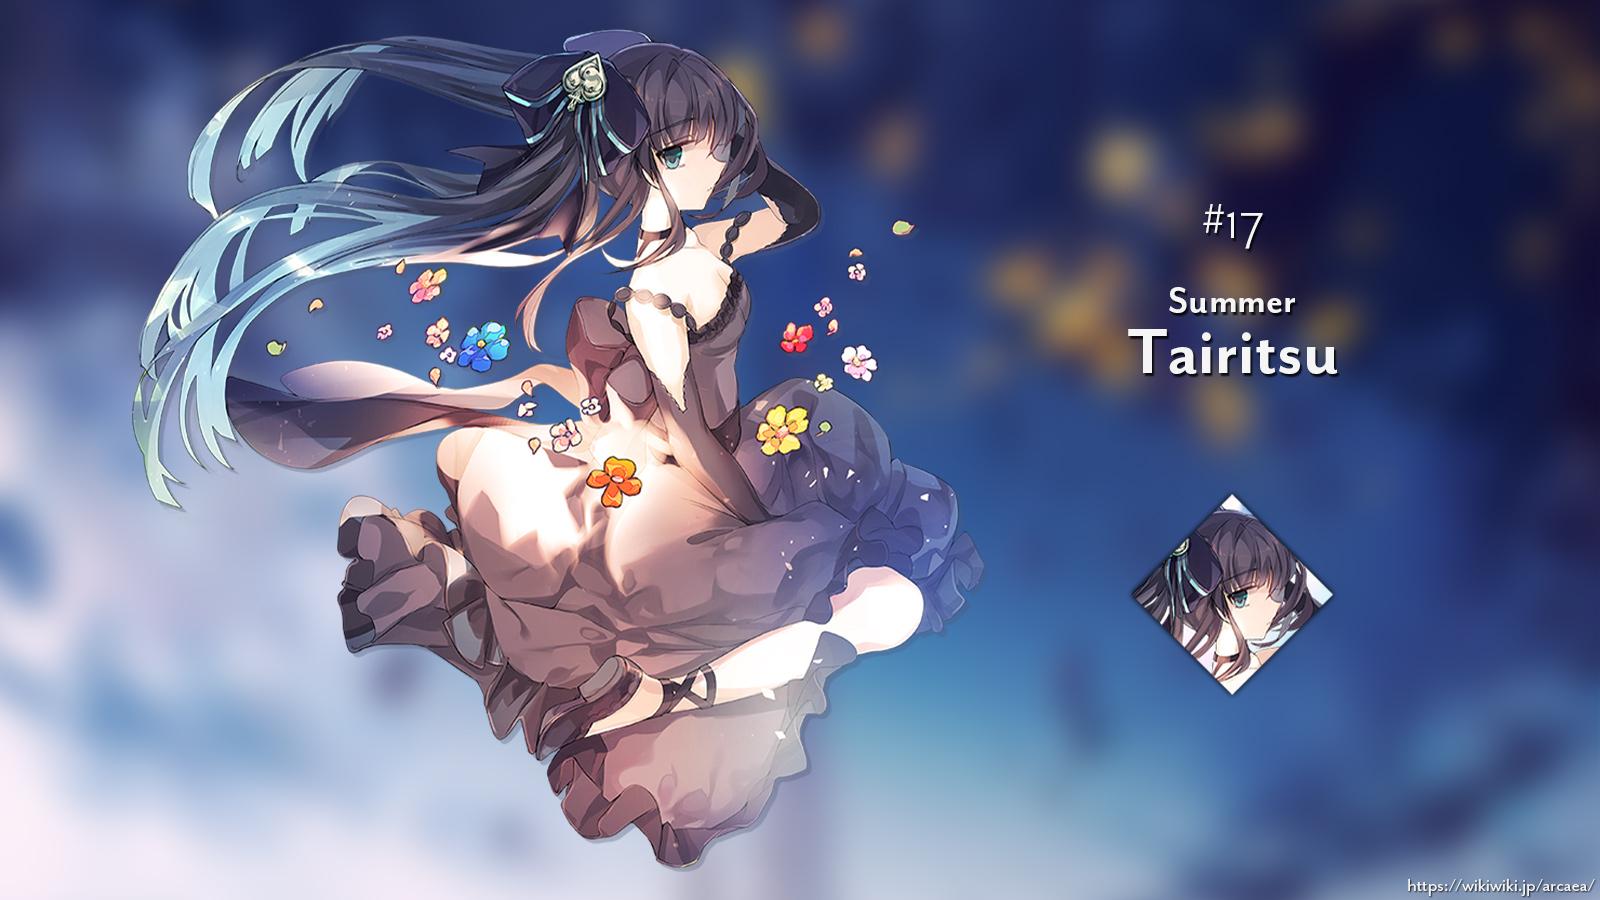 Tairitsu(Summer)